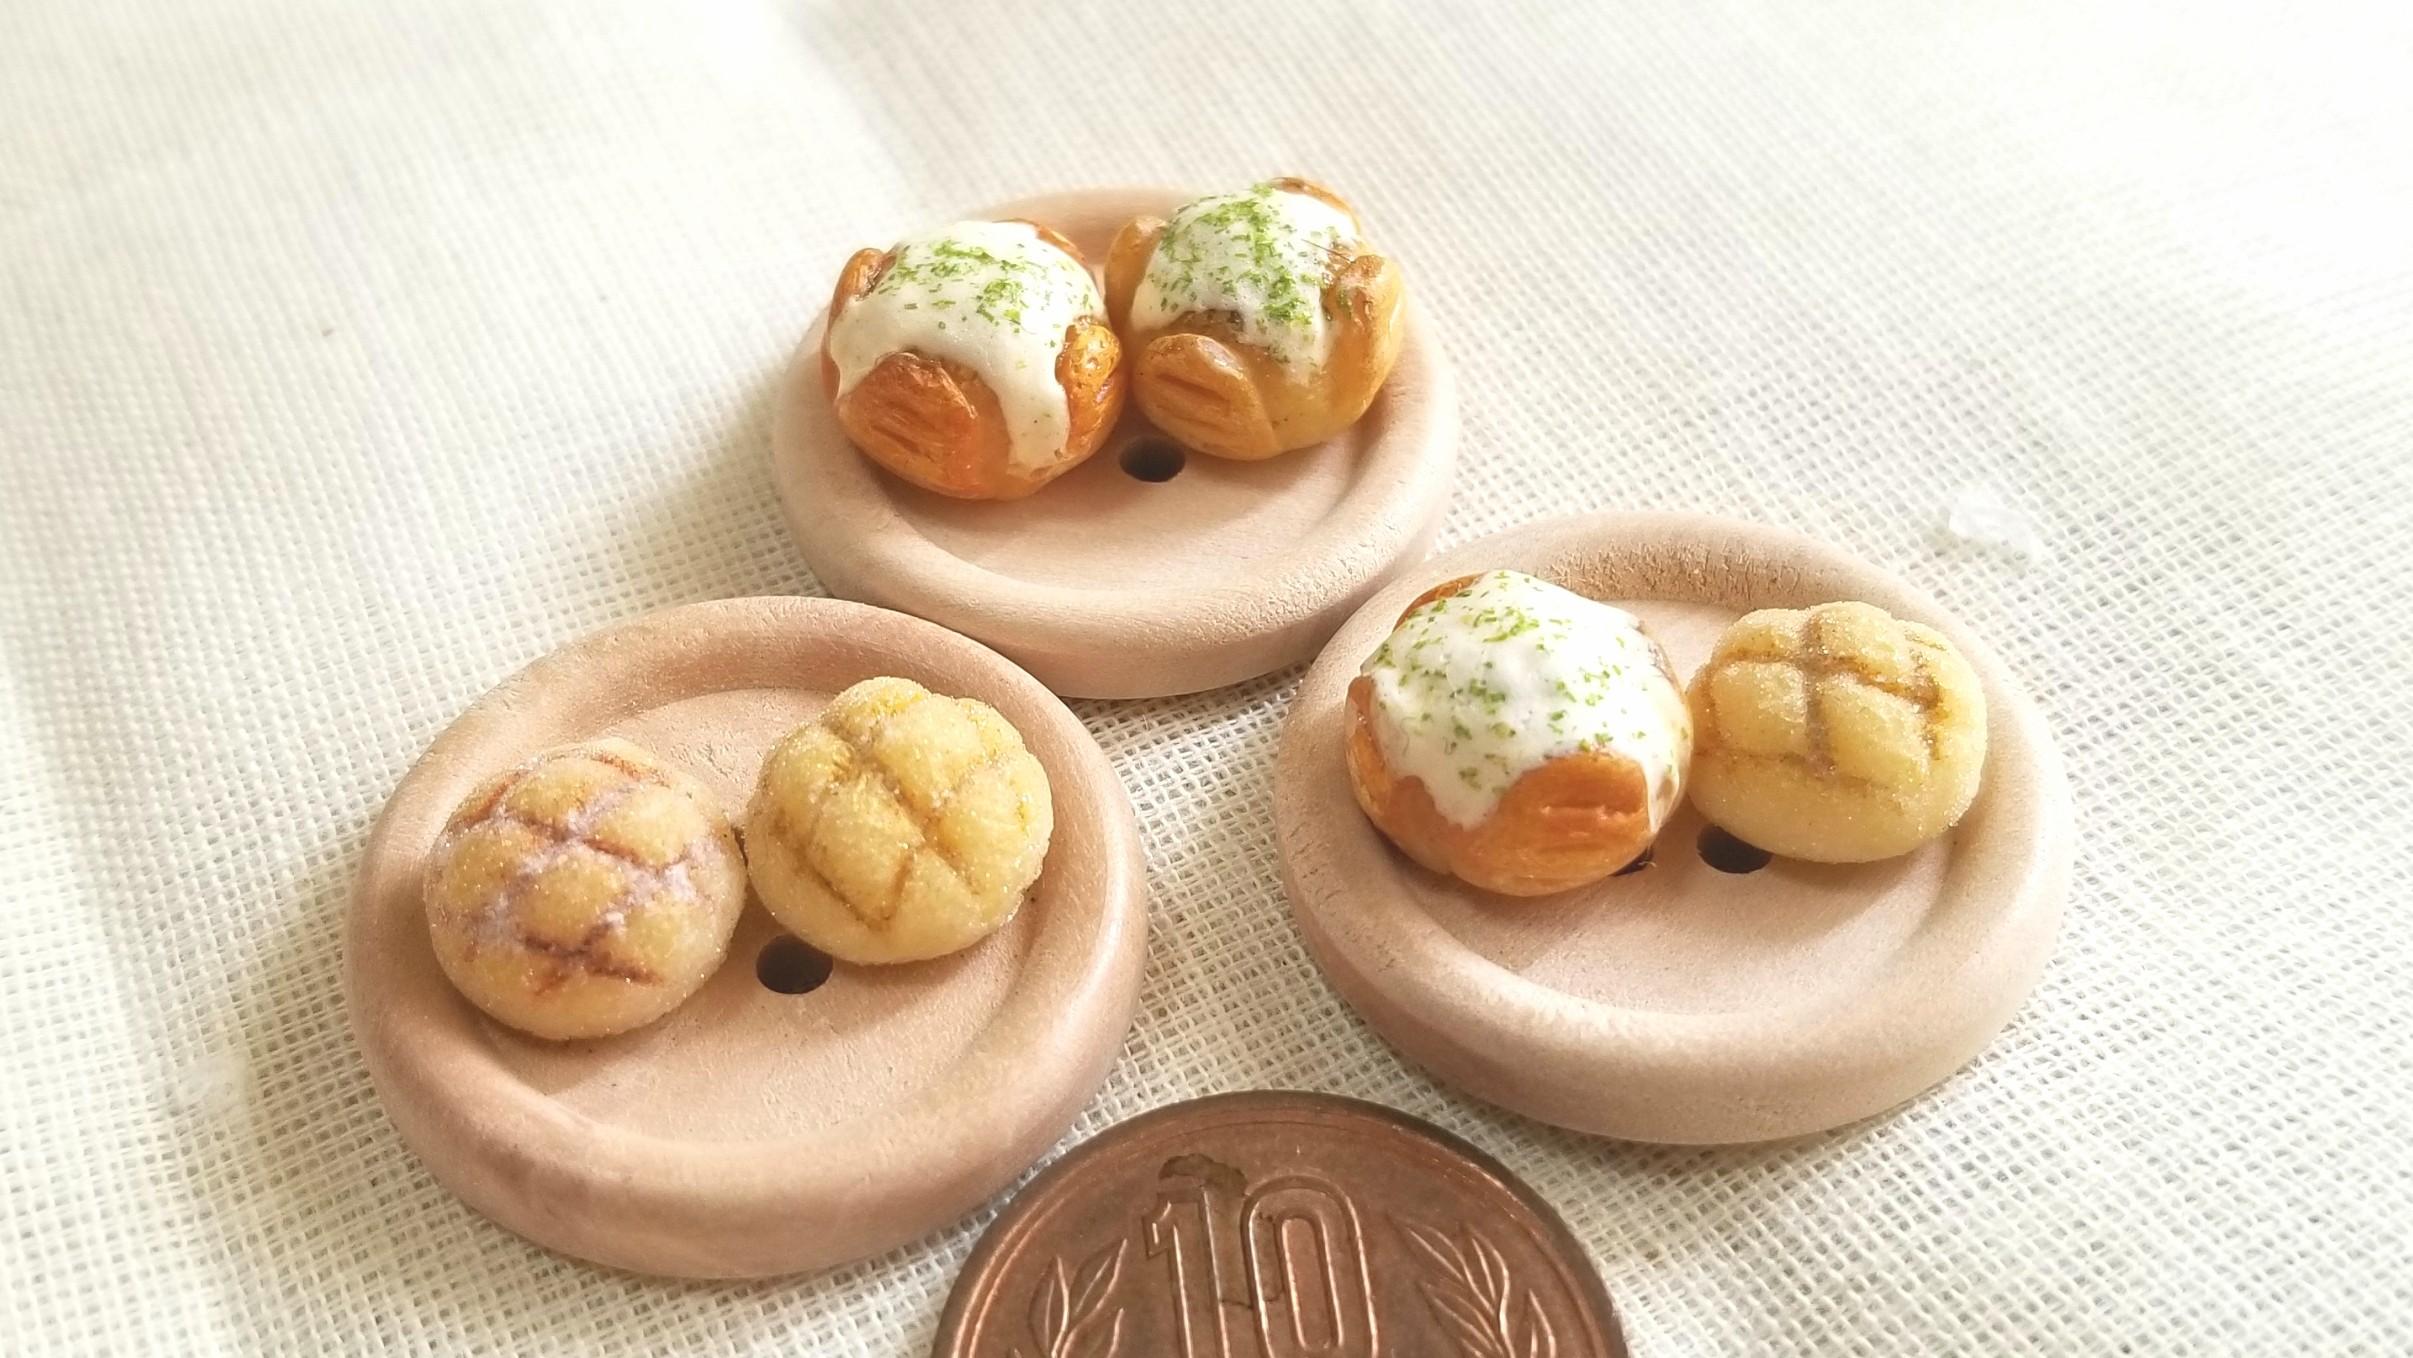 よもぎのミニチュアフードブログ,おいしいメロンパン,ミンネ販売中